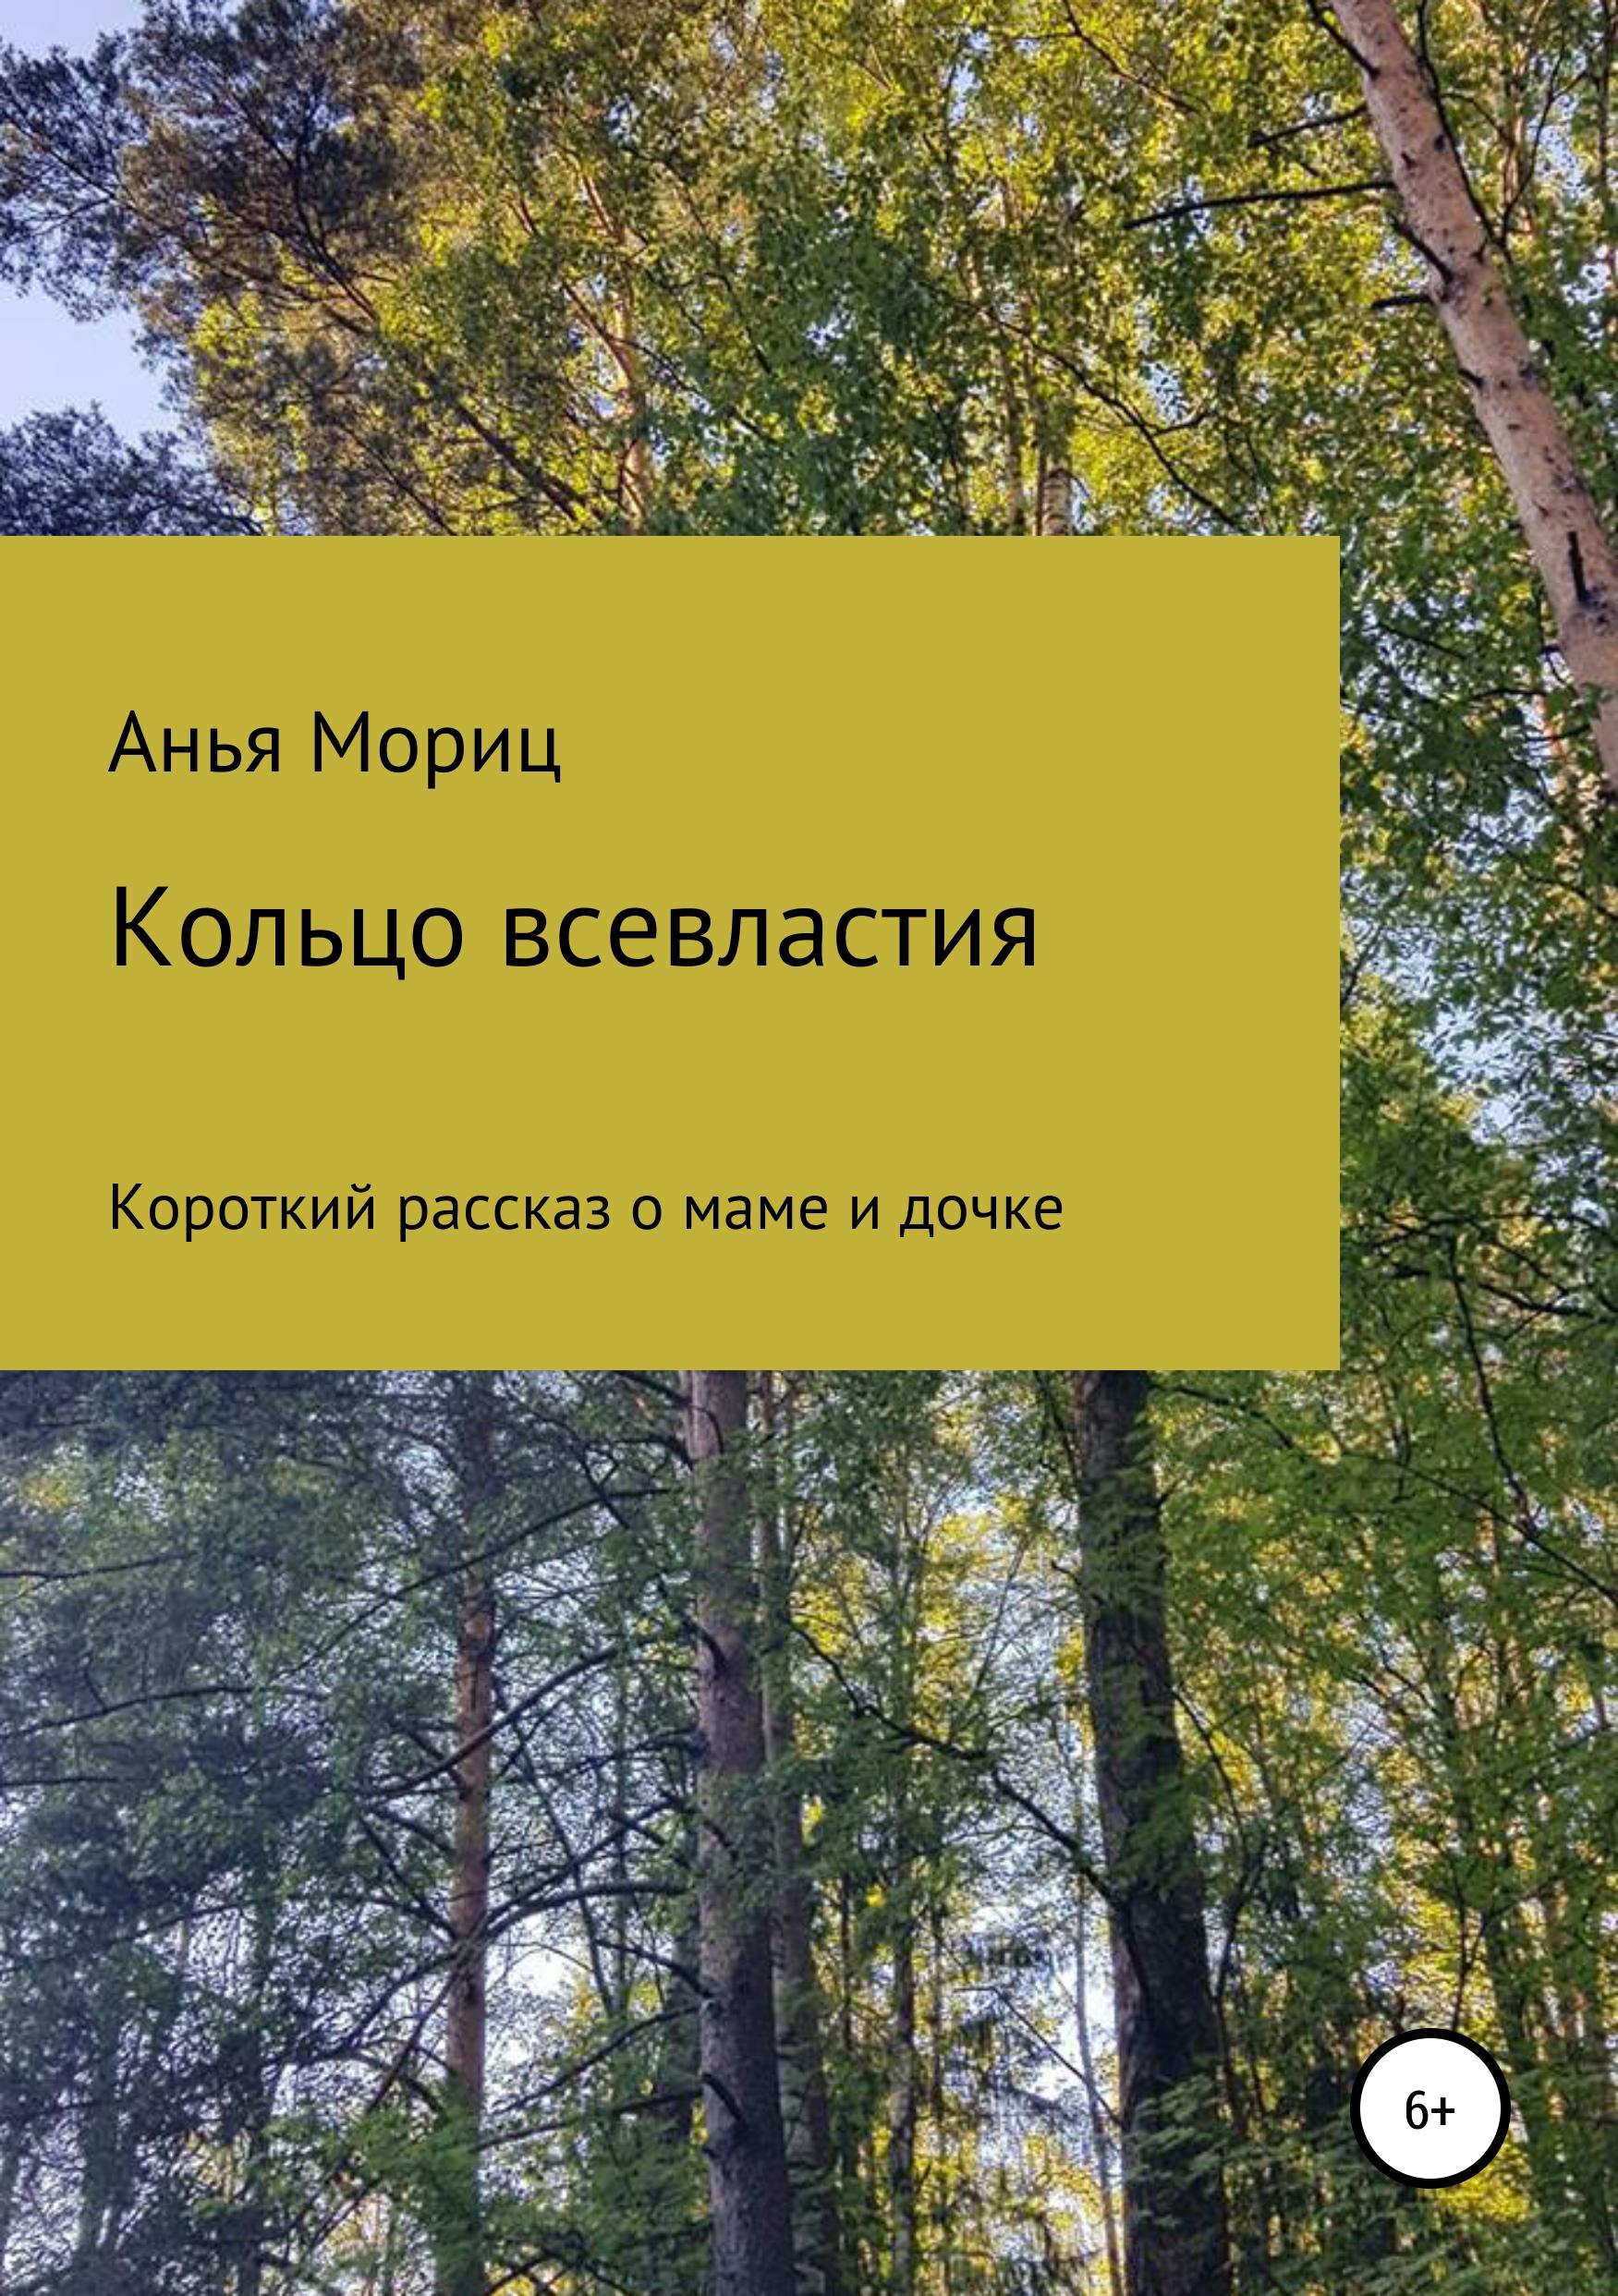 Анья Мориц Кольцо всевластия osho наблюдай и жди о разнице между инстинктом и интуицией